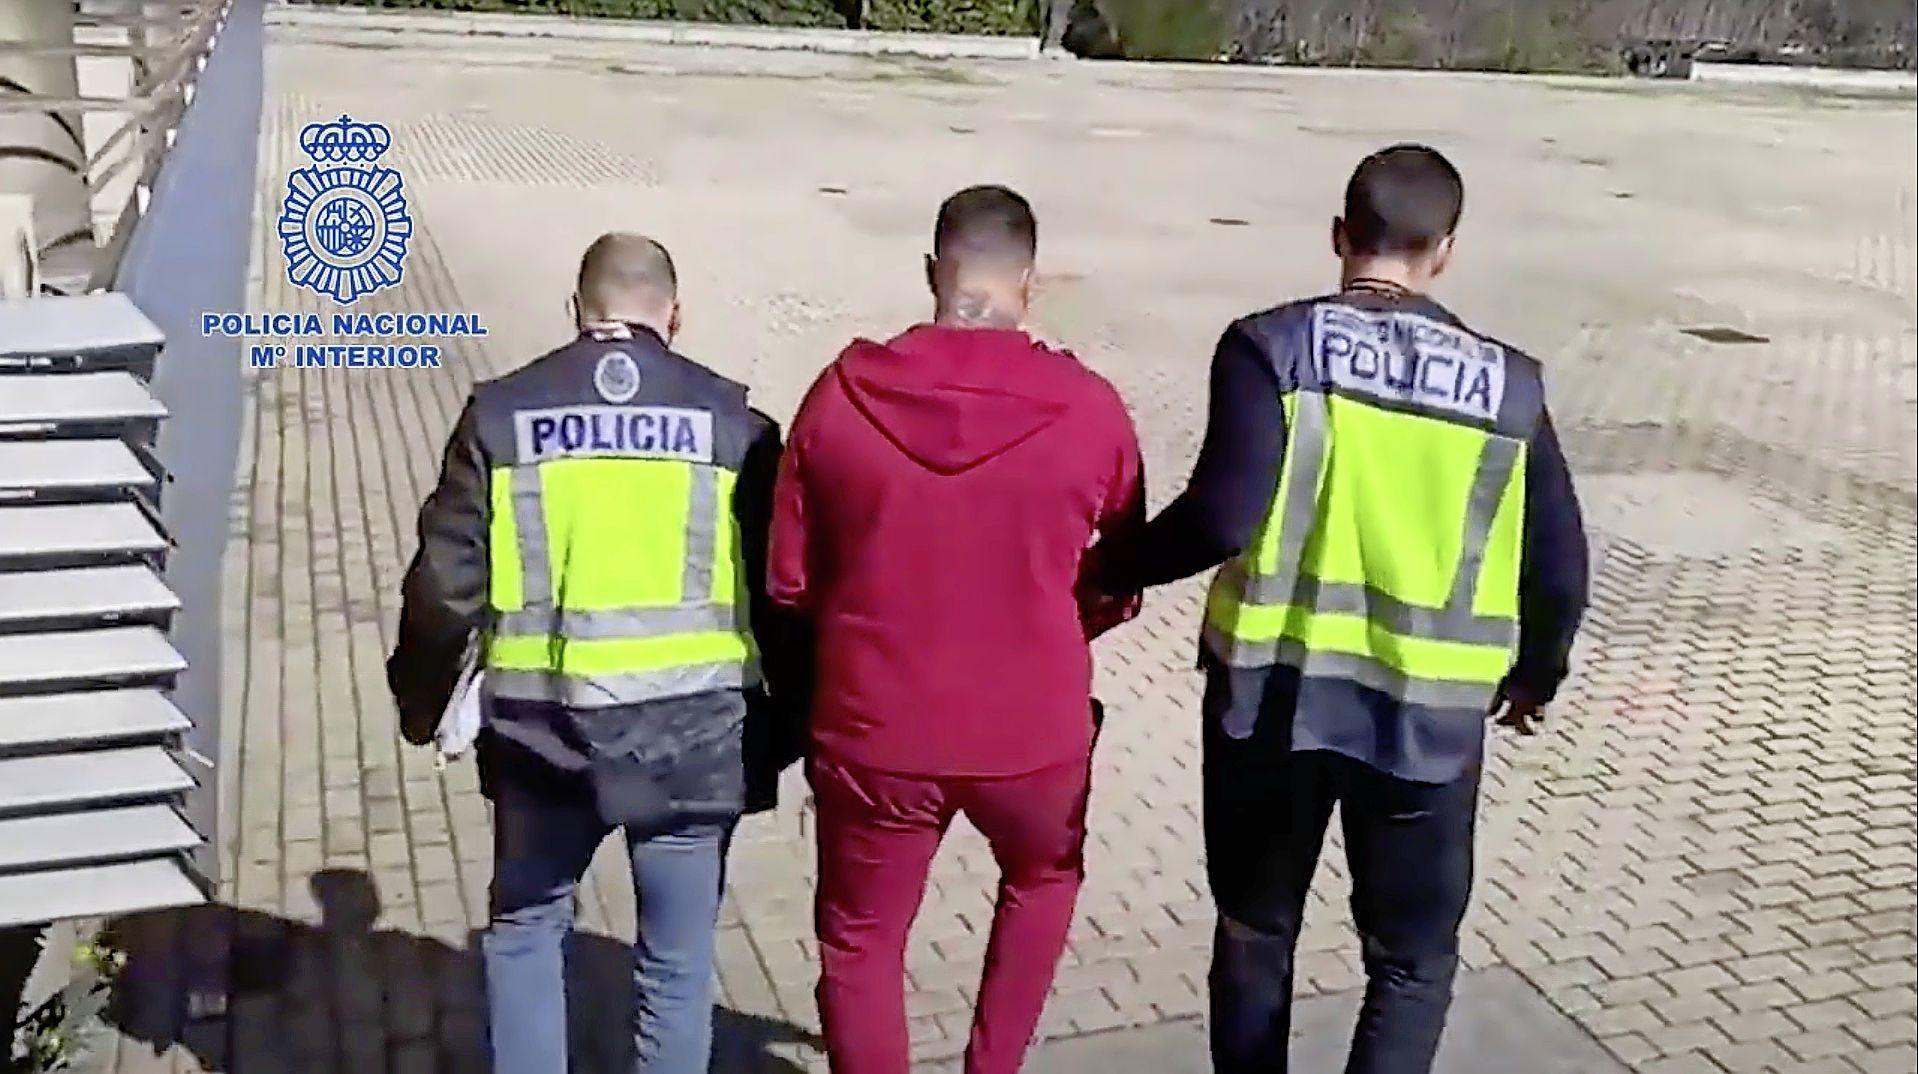 De schietpartij in Bergen aan Zee was een afrekening in het drugscircuit, zegt de Spaanse politie. Eerste zaak over dood van 45-jarige Colombiaan in mei voor rechter [video]